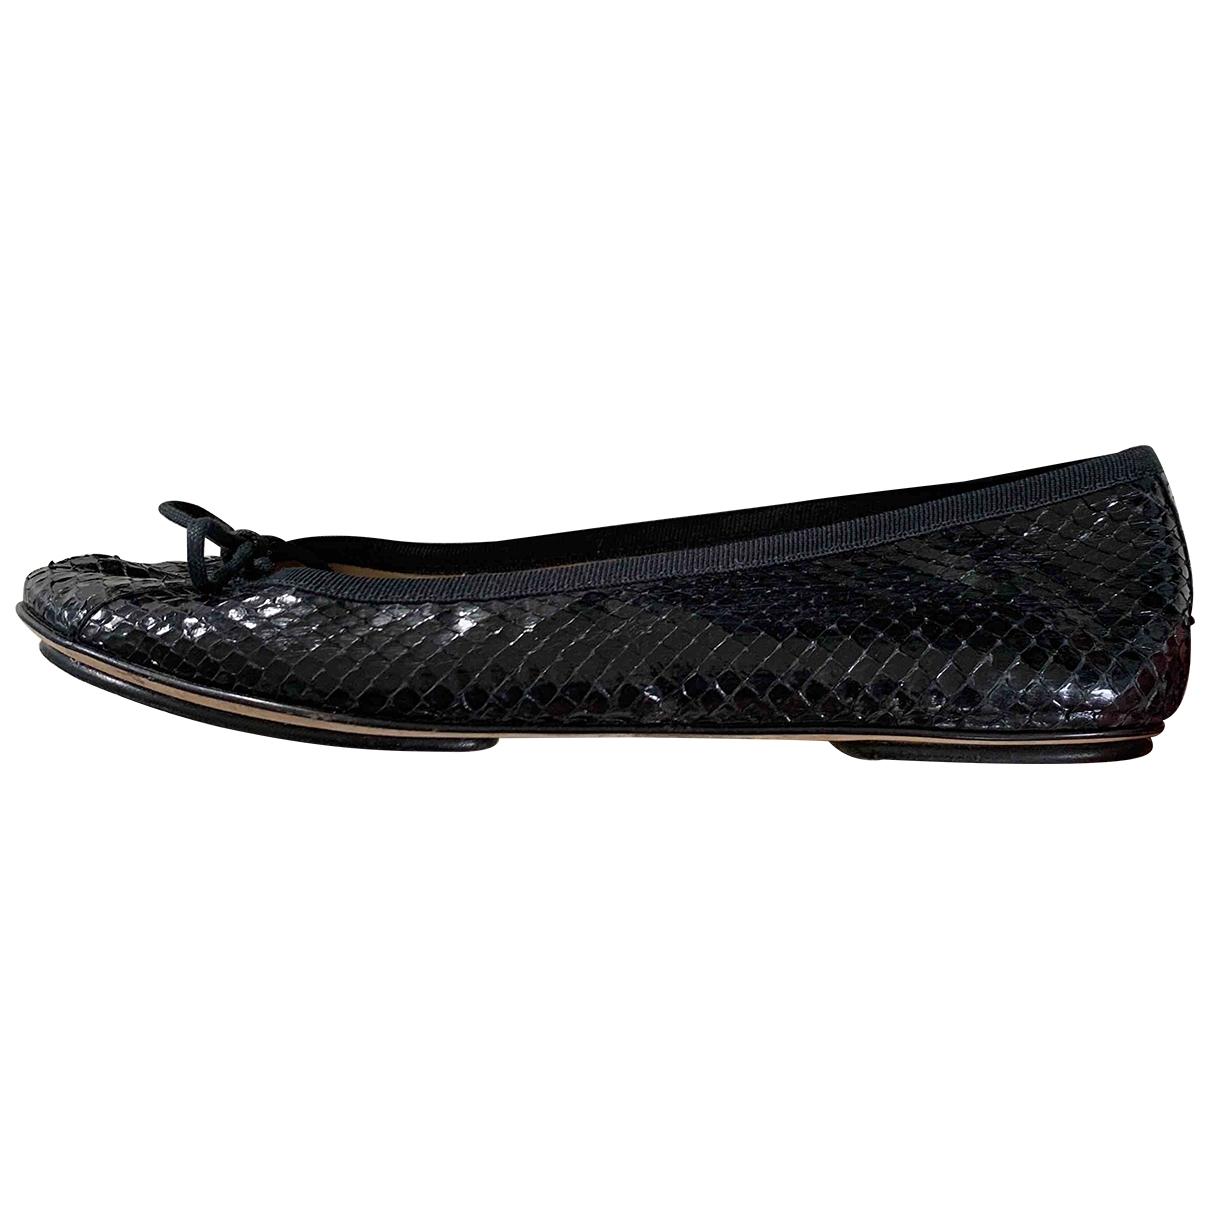 D&g \N Black Water snake Ballet flats for Women 37 EU